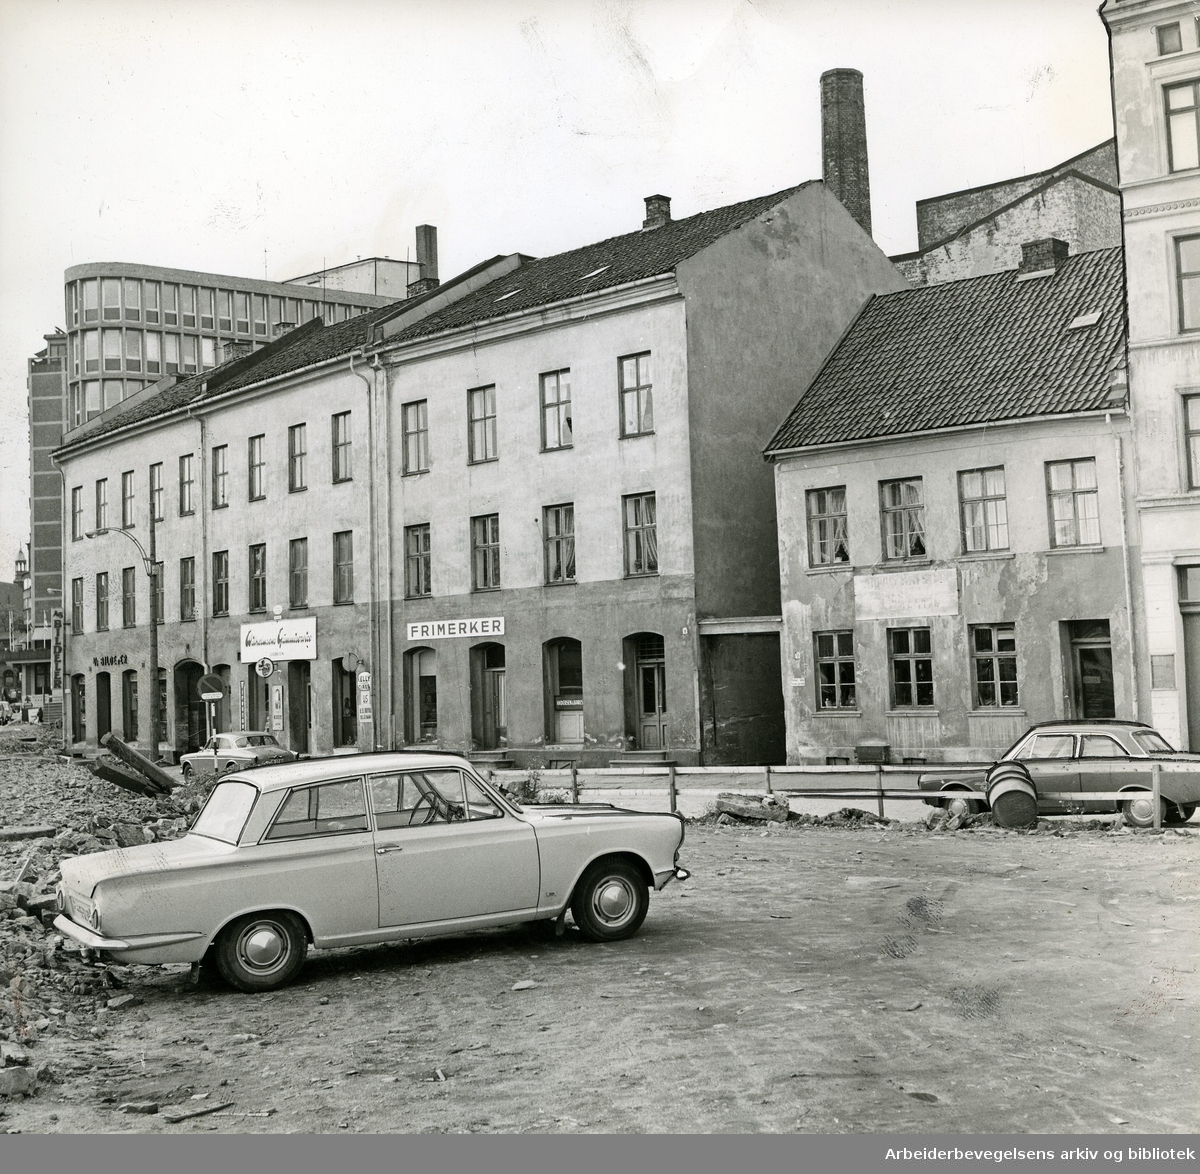 Karl XII's gate 7 & 9 på Vaterland med Hotell Viking i bakgrunnen,.oktober 1965